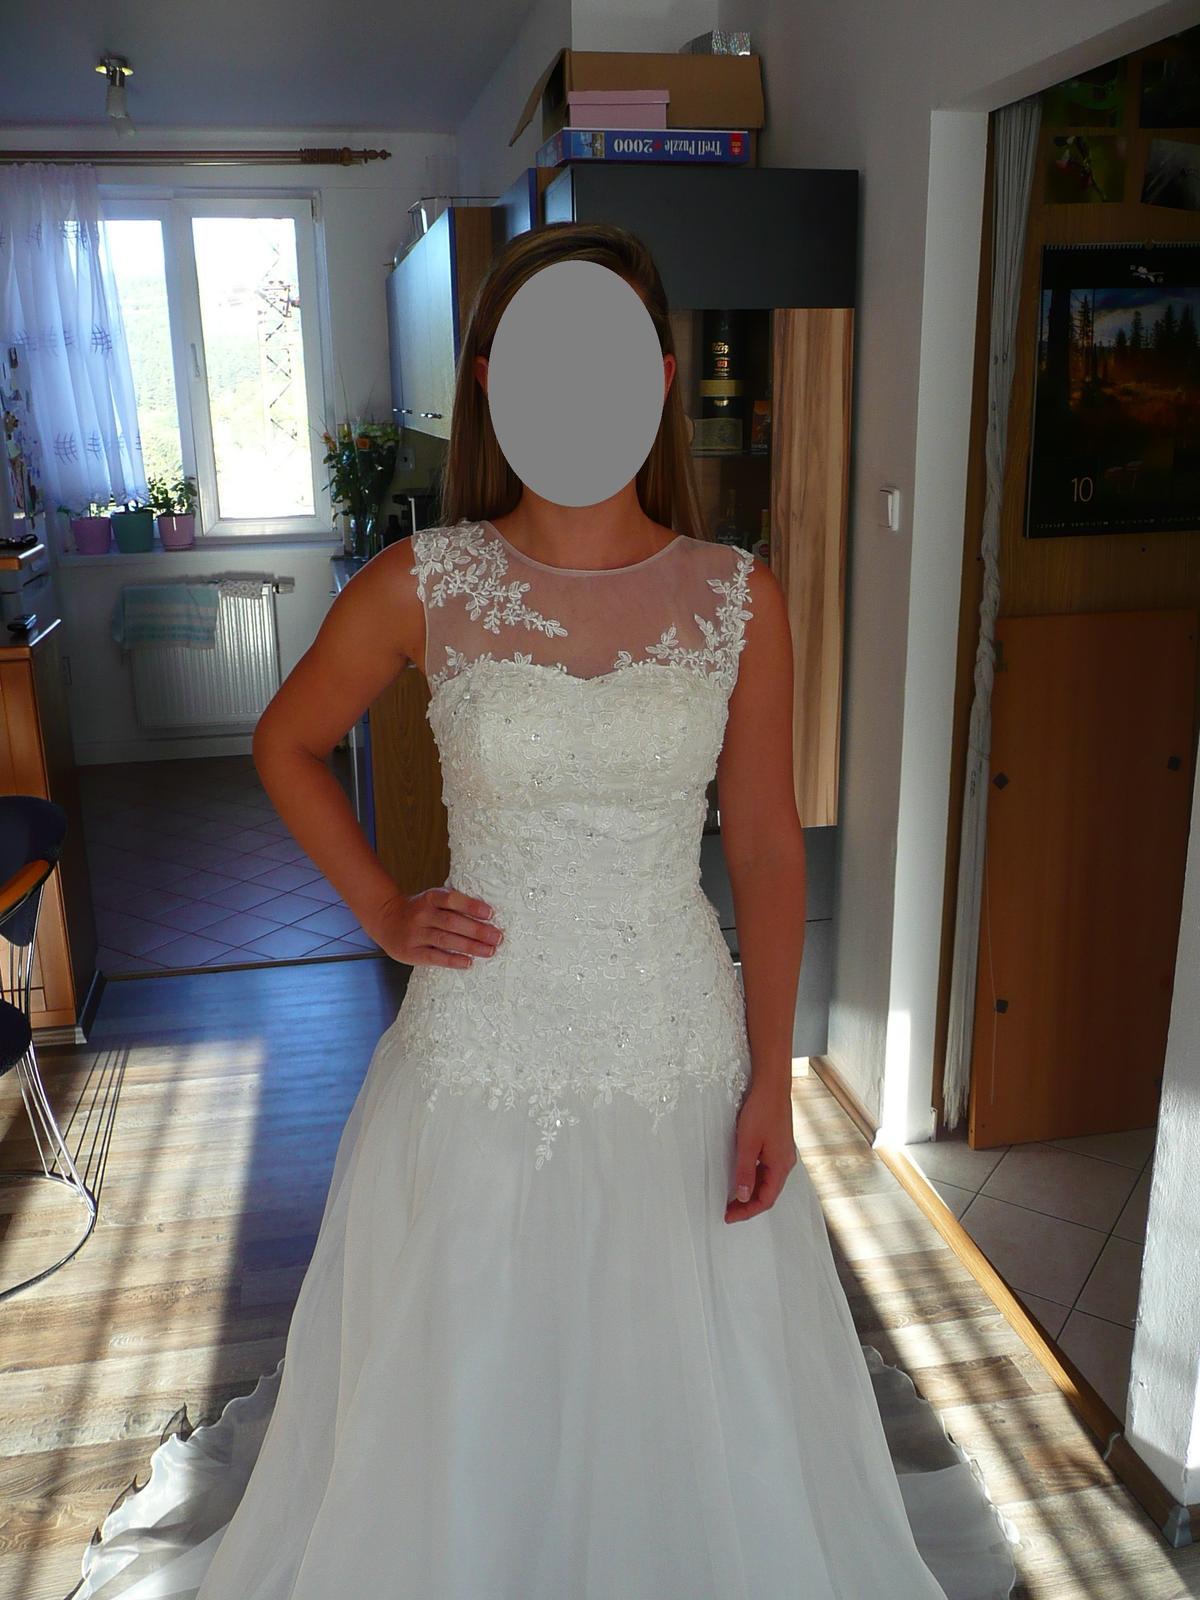 Svatební šaty s originálním dekoltem 36-40 - Obrázek č. 4